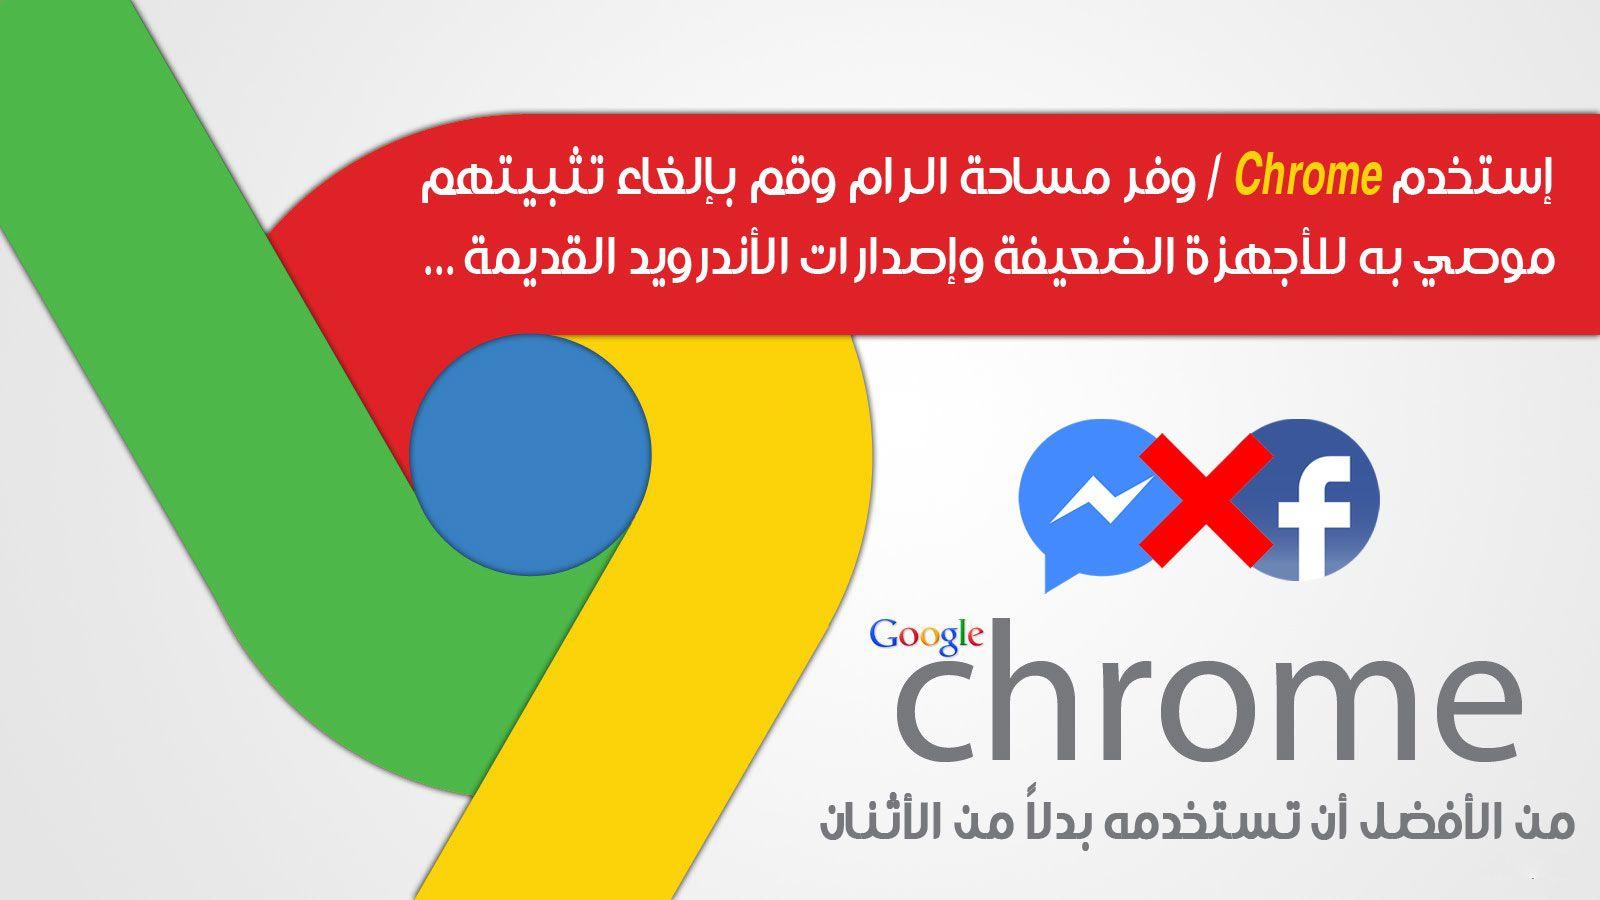 إن كان هاتفك ضعيفاً فمن المستحسن توظيف Chrome ليحل بدلاً من تطبيقي Facebook و Messenger